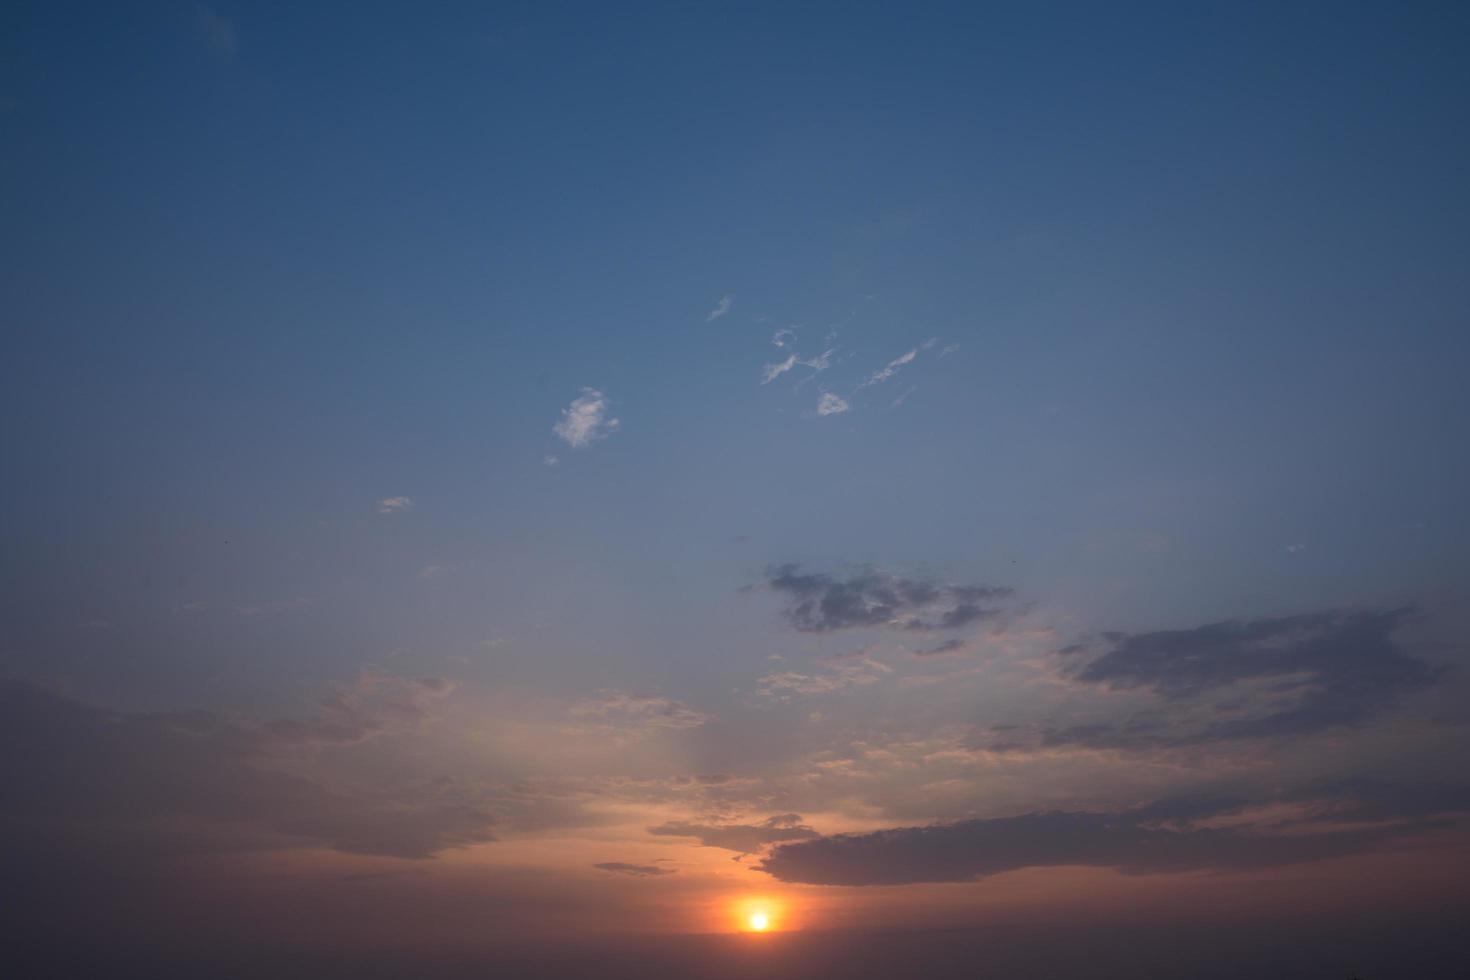 le ciel et les nuages au coucher du soleil photo